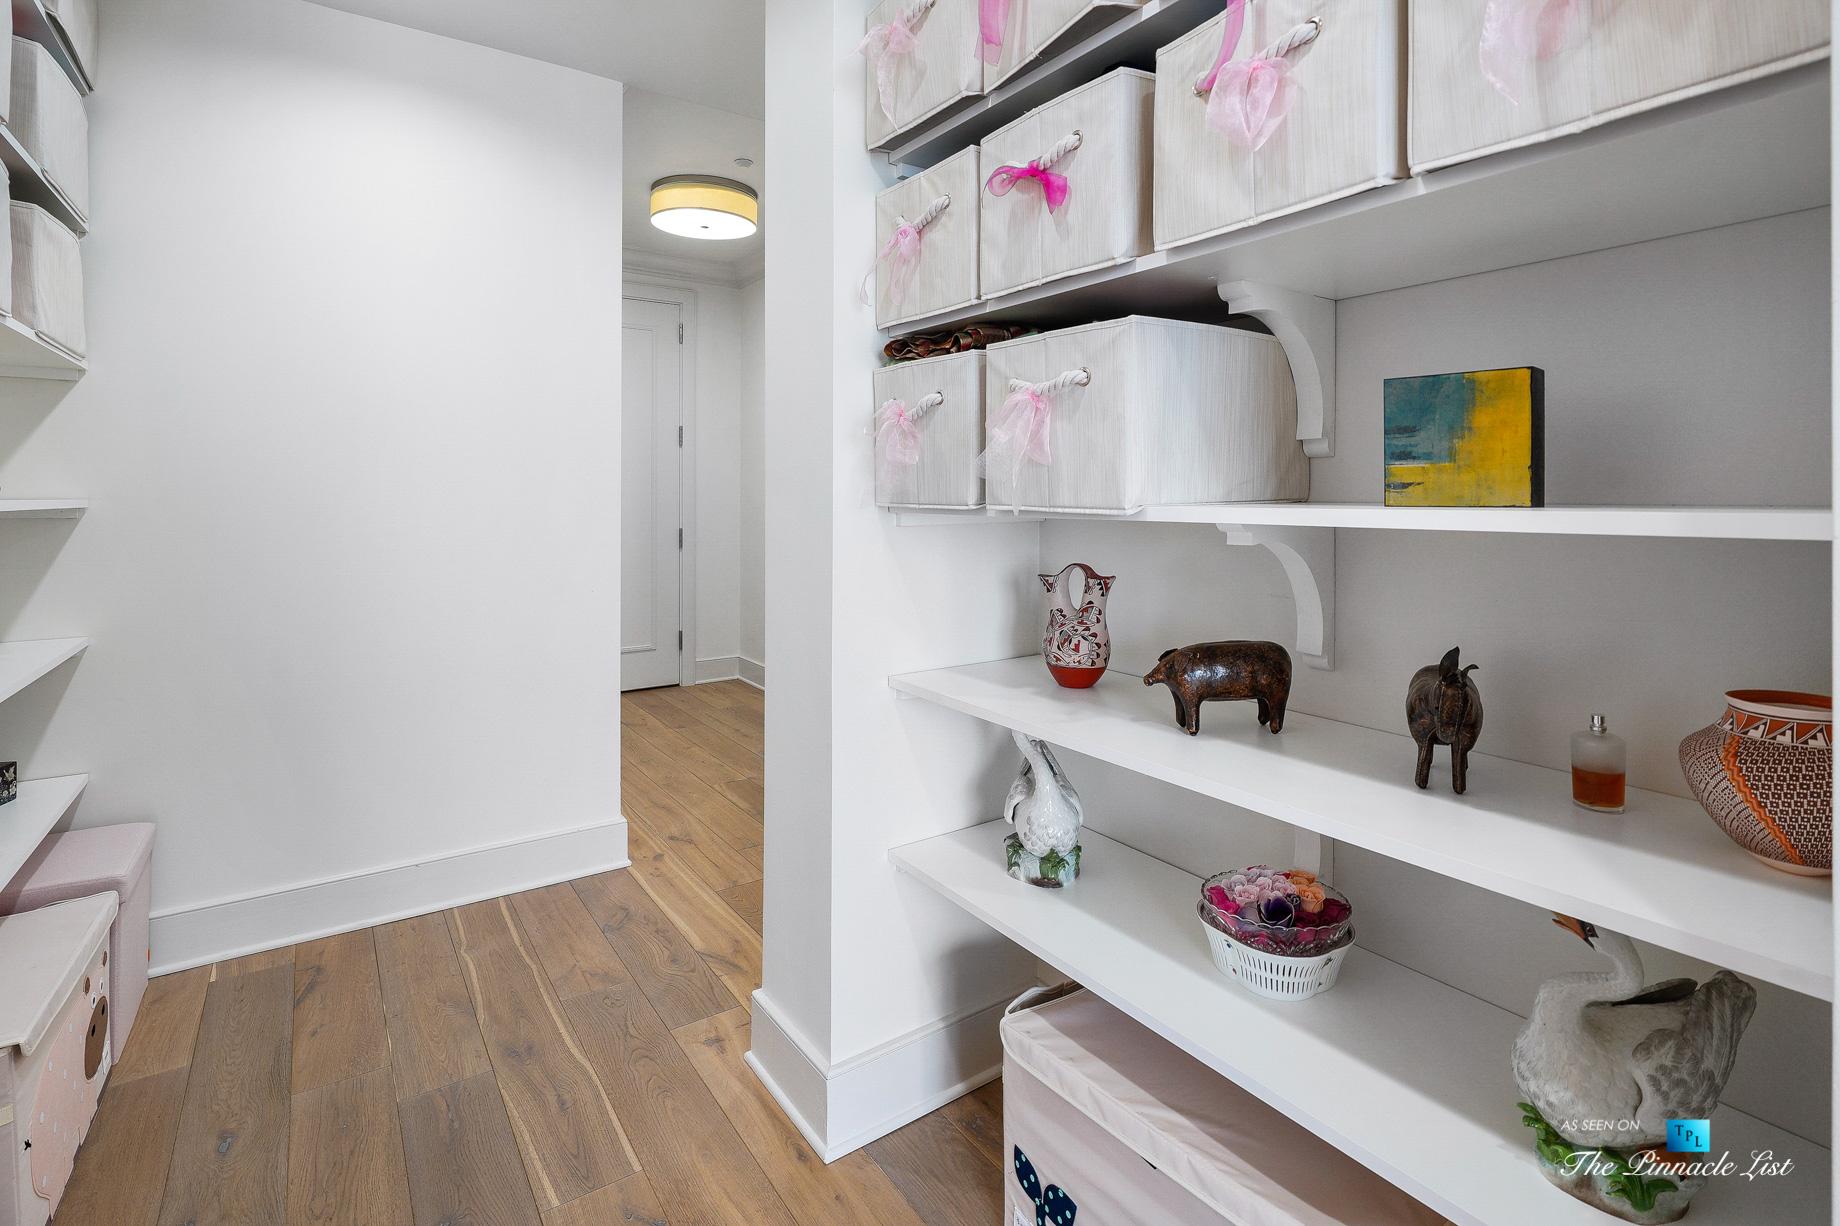 3630 Peachtree Rd NE, Unit 2307, Atlanta, GA, USA – Apartment Storage Shelves – Luxury Real Estate – Ritz-Carlton Residences Buckhead